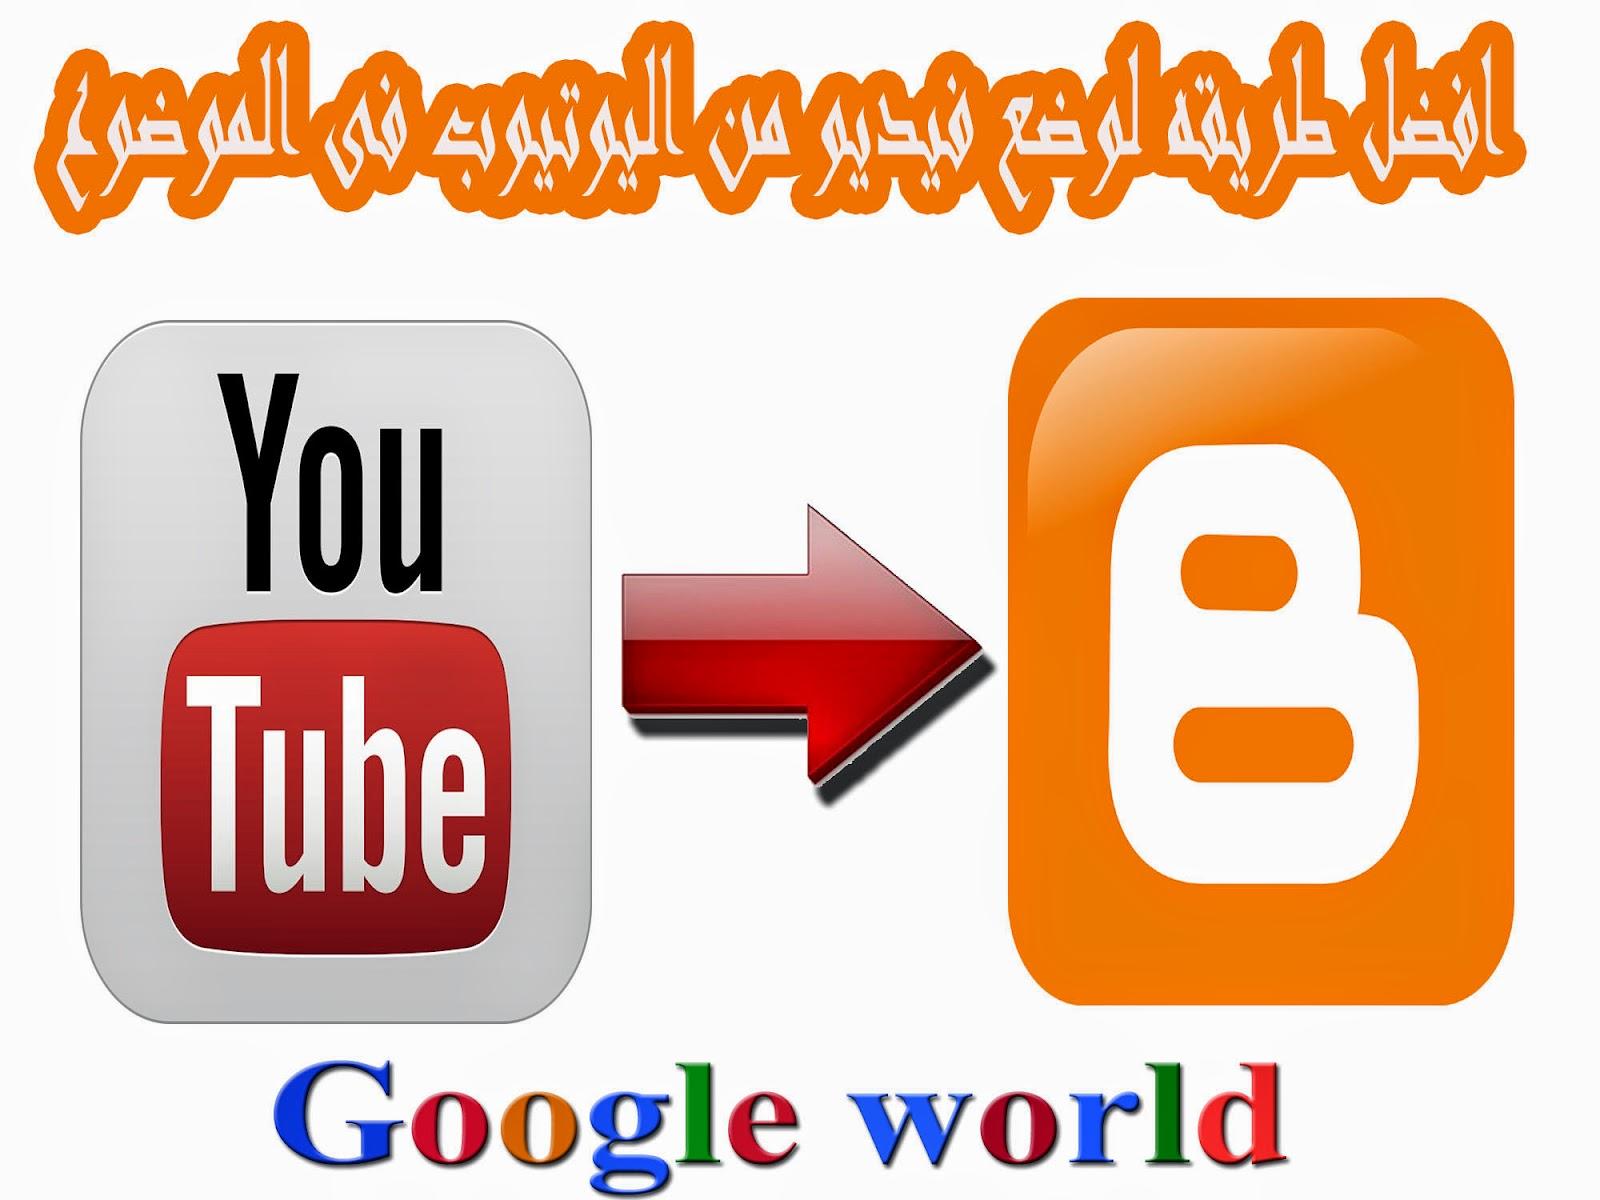 افضل طريقه لوضع فيديو من اليوتيوب فى الموضوع بالمدونه